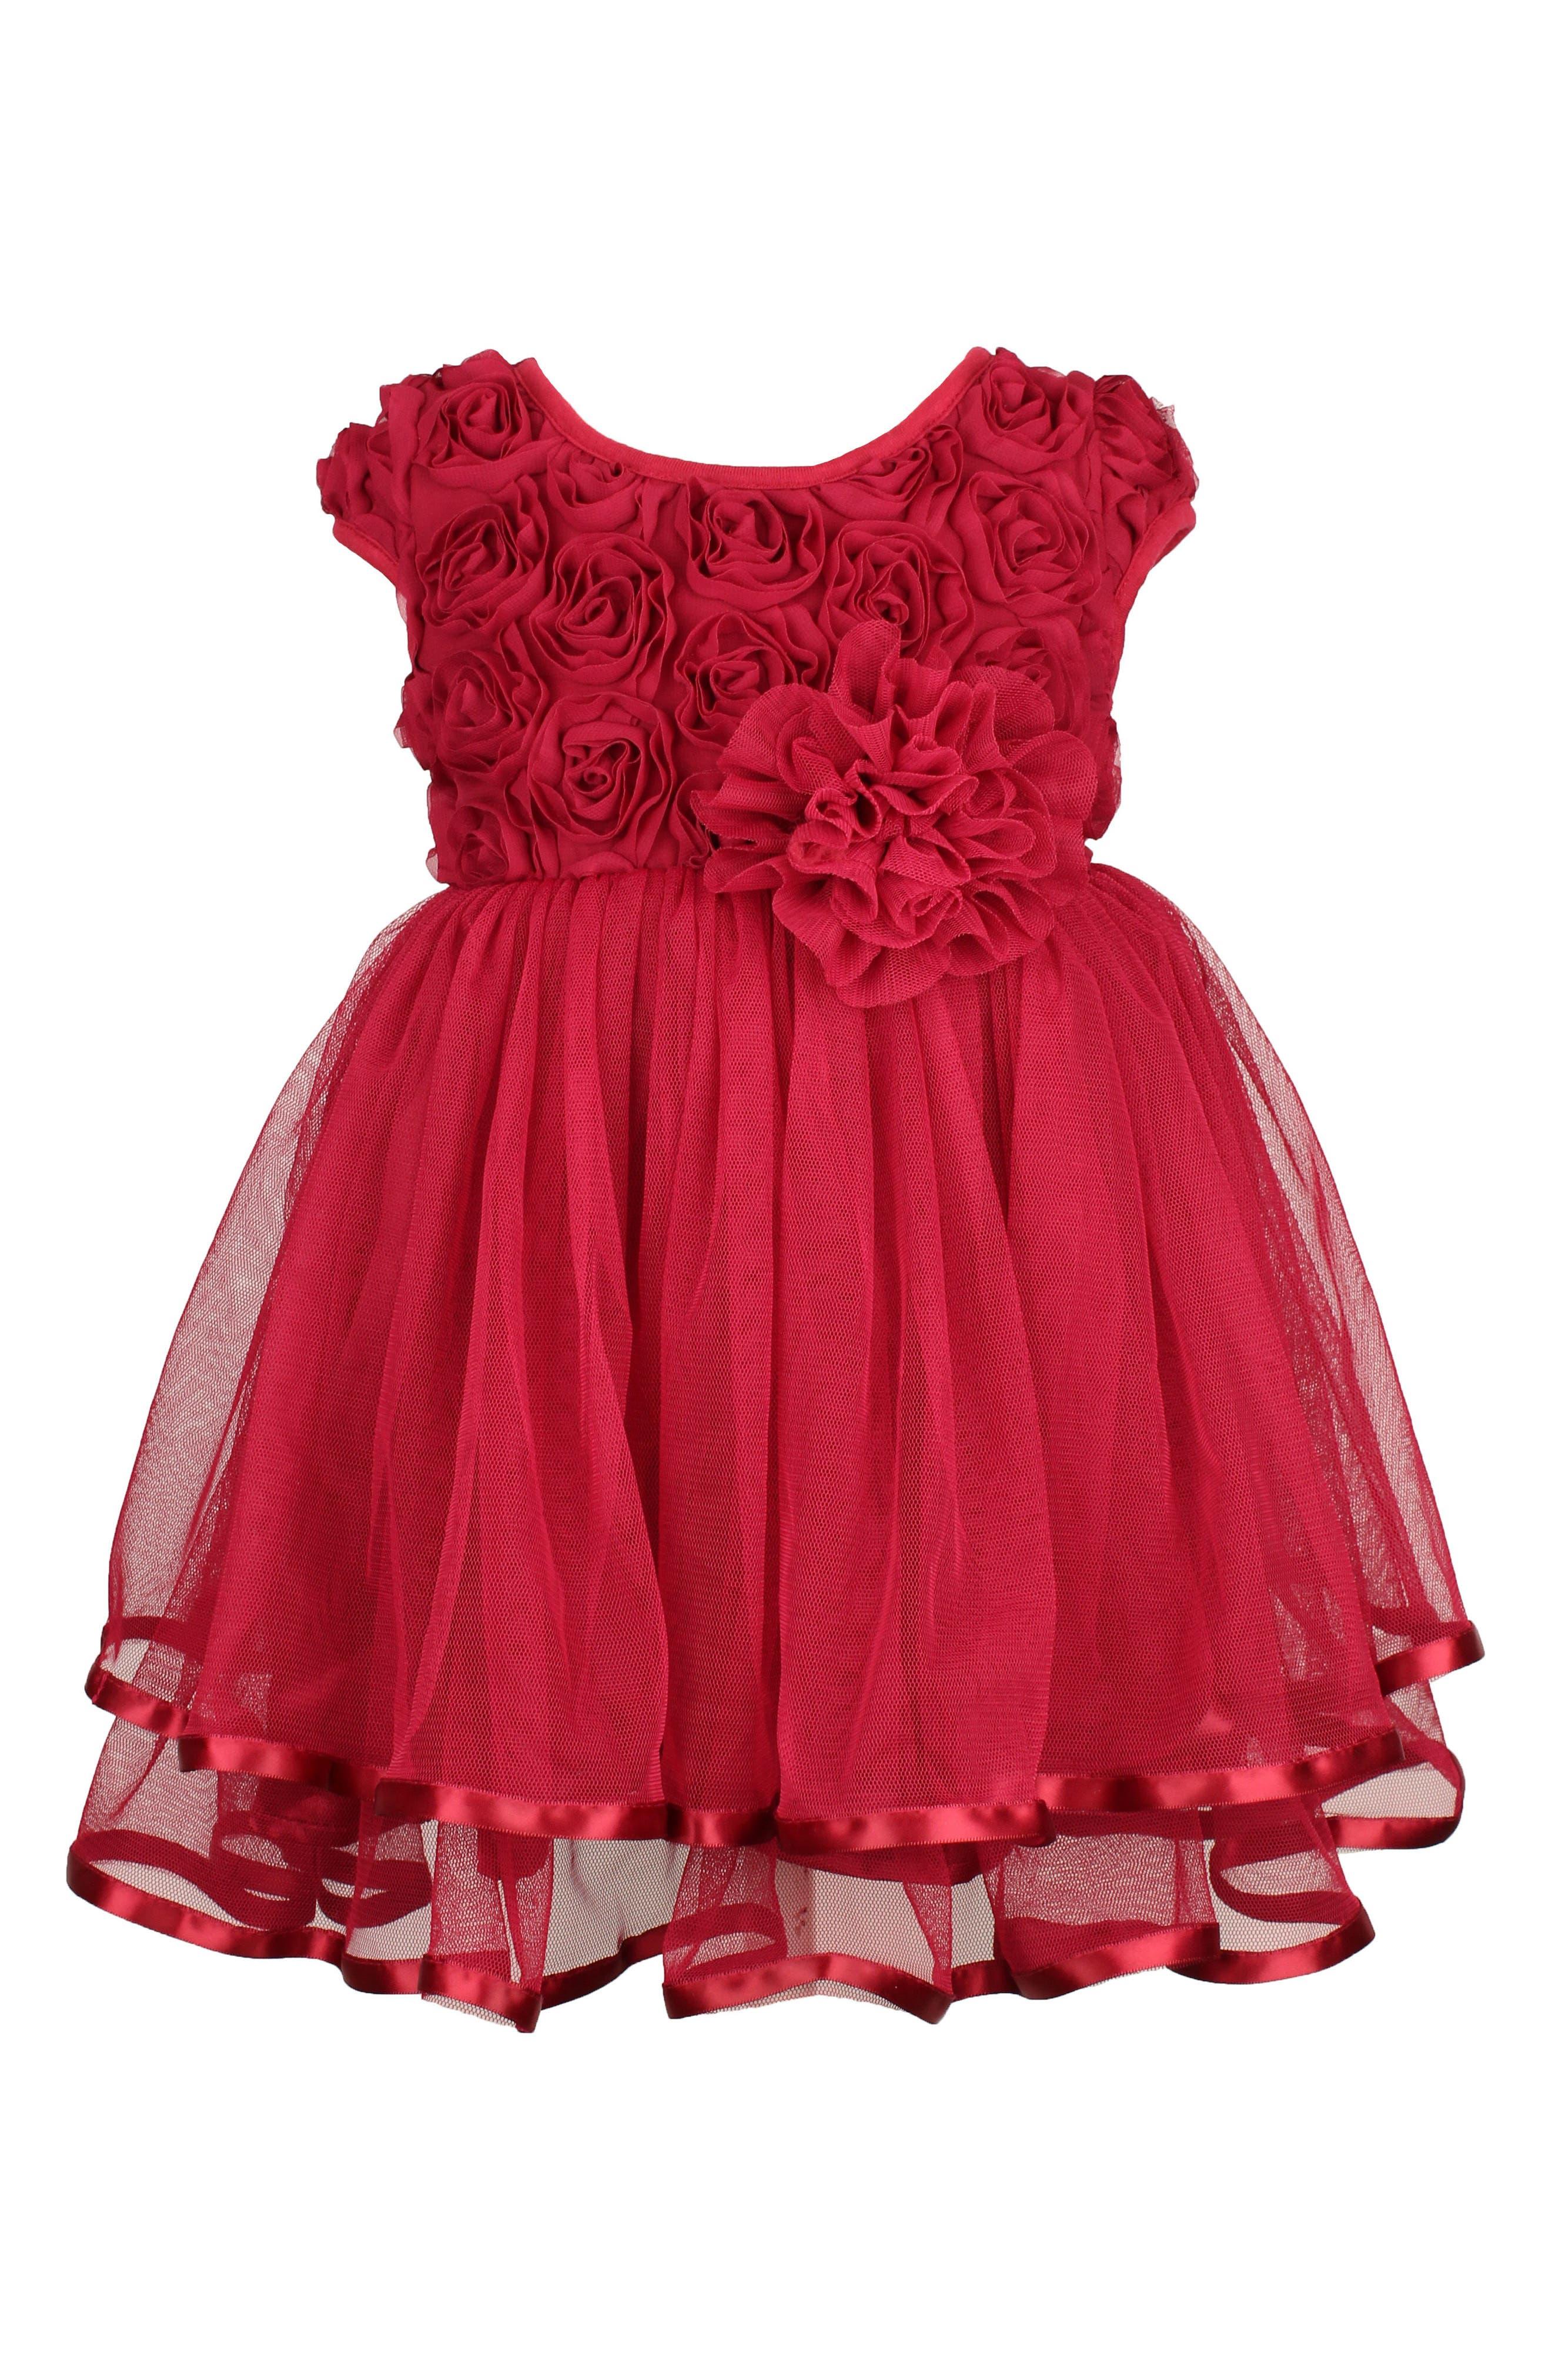 Rosette Tulle Dress,                             Alternate thumbnail 2, color,                             630